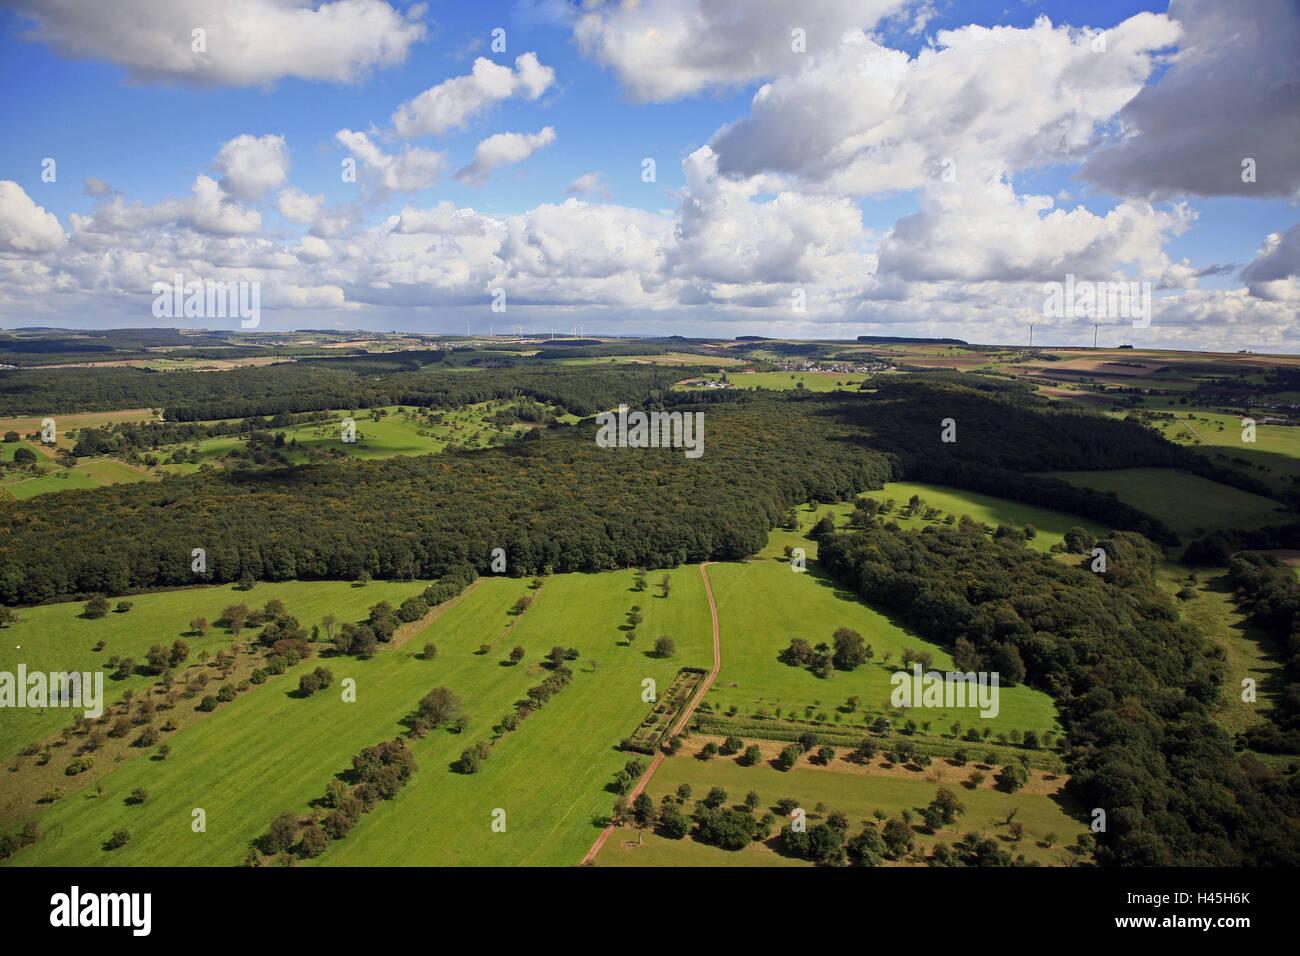 Germany, Saarland, Saargau, Perl, aerial shot, - Stock Image